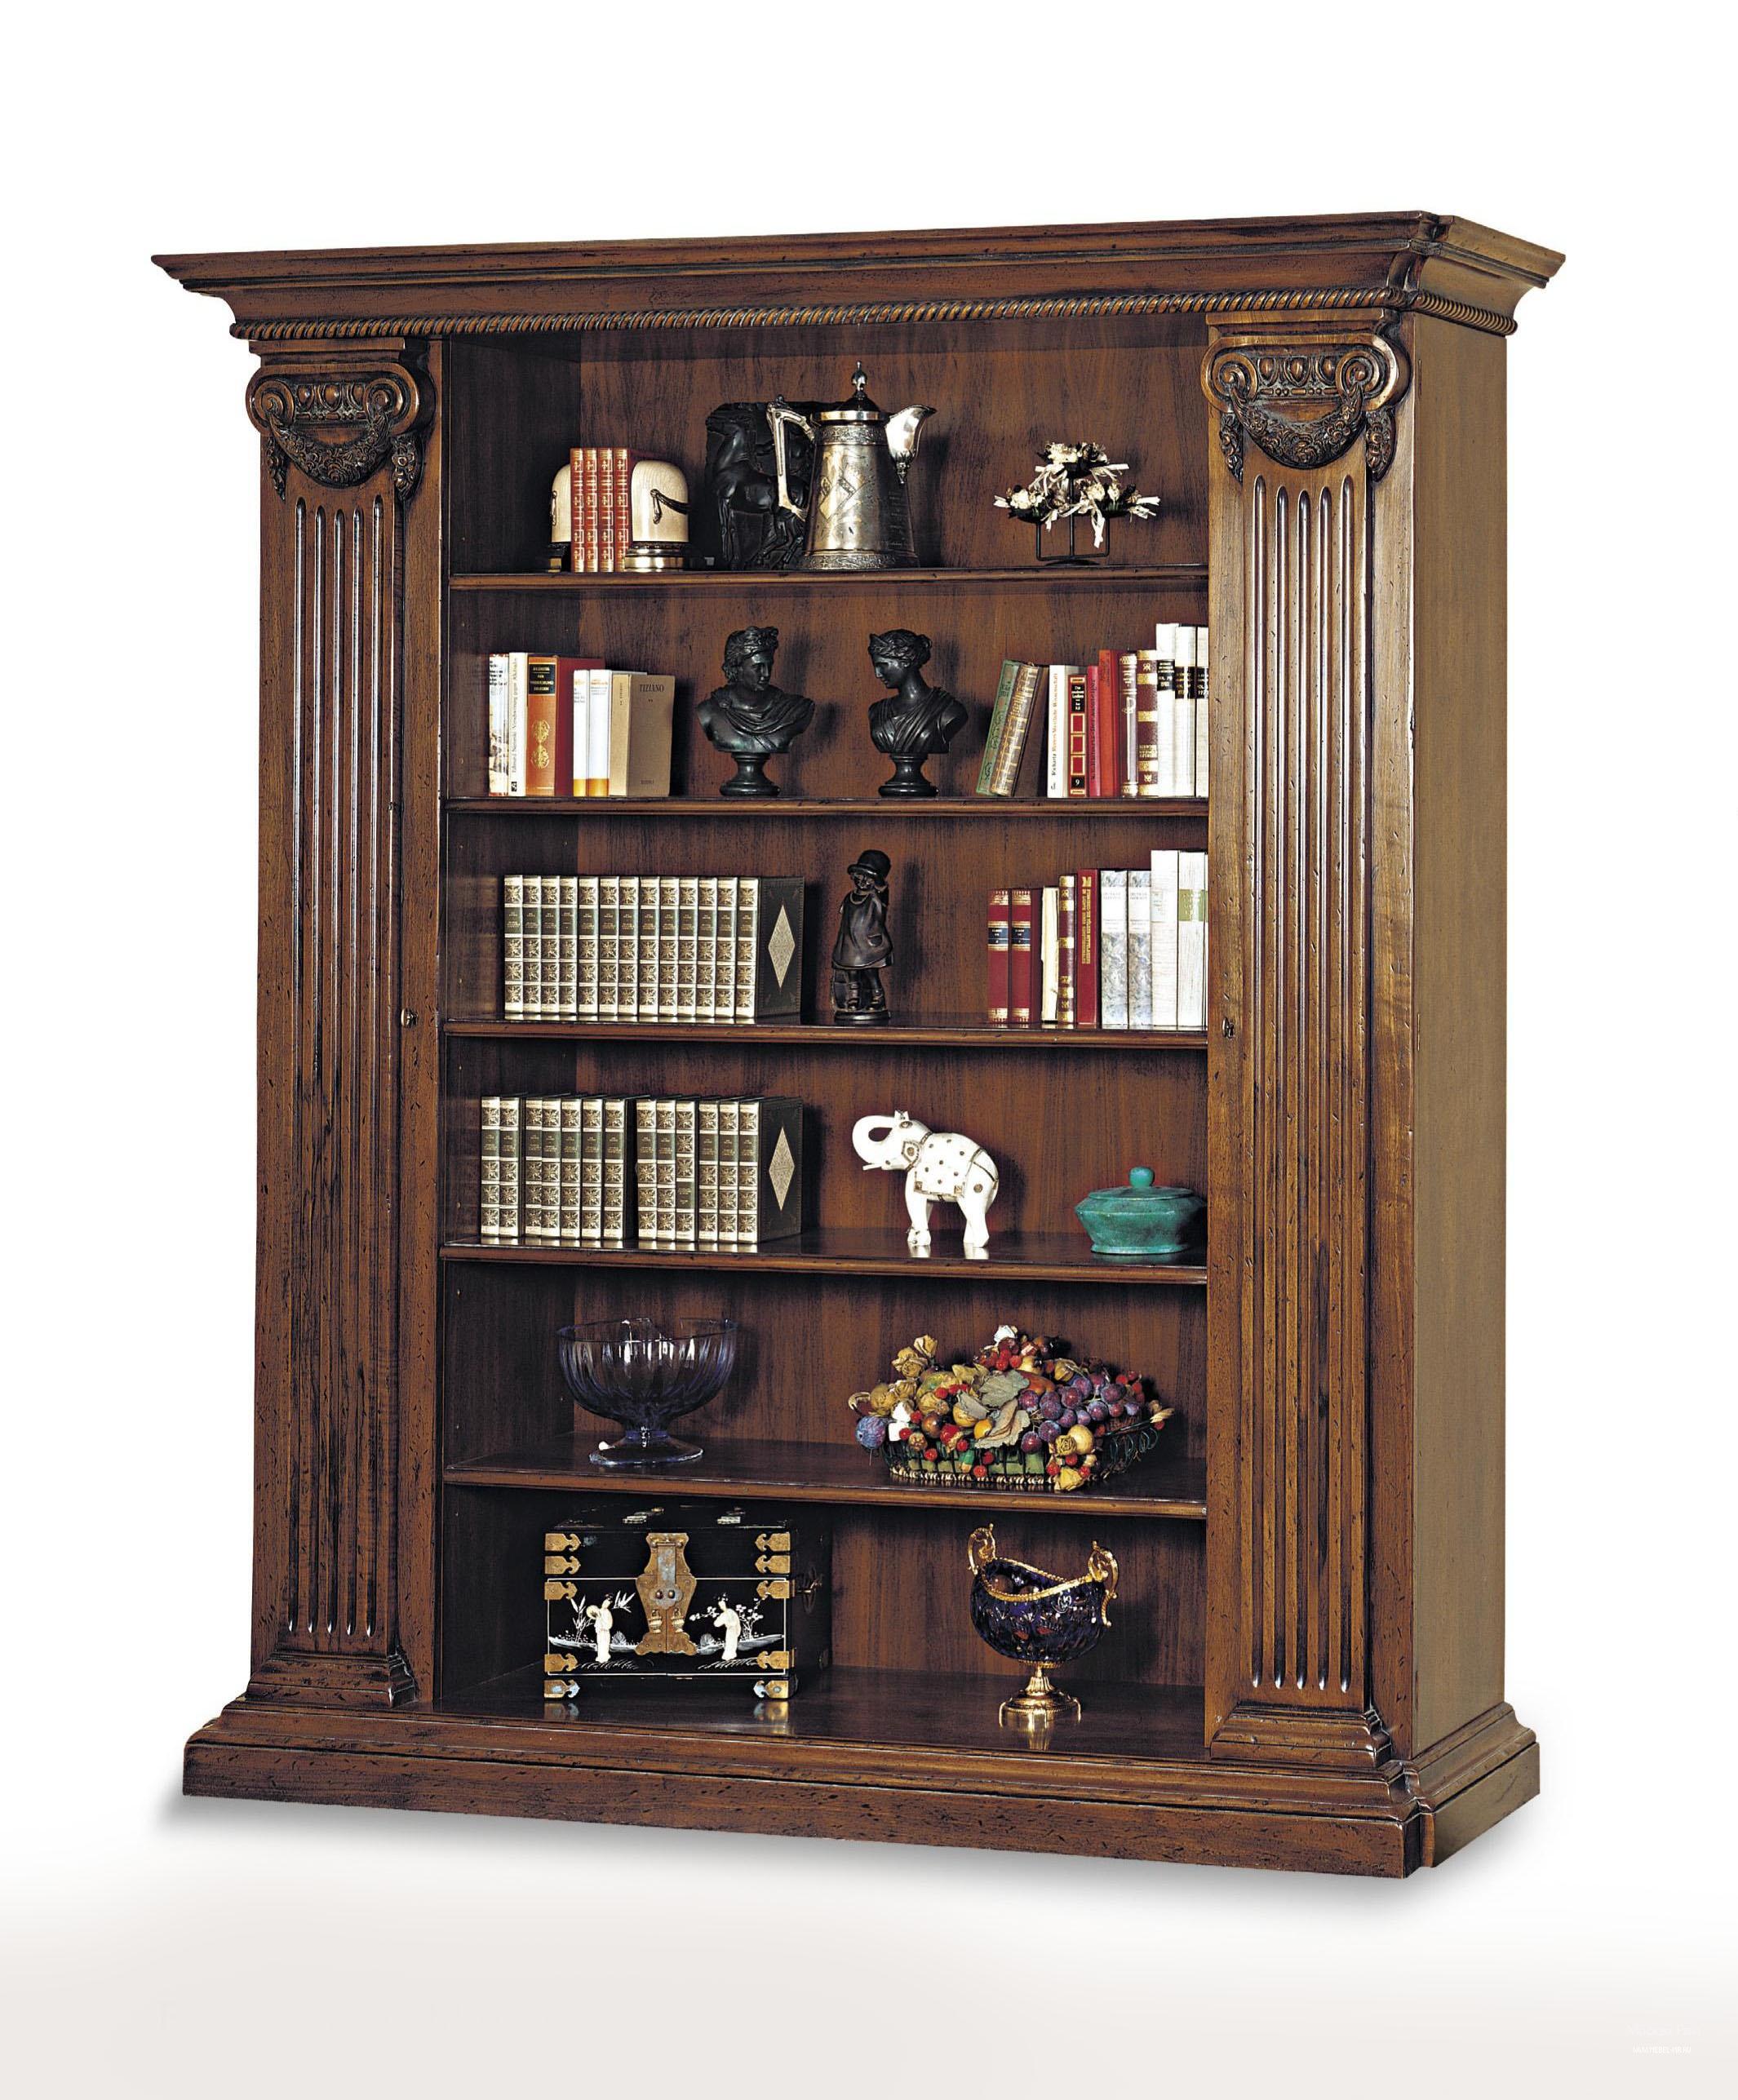 Шкаф - mfmn/0367. книжный шкаф с открытыми полками от фабрик.